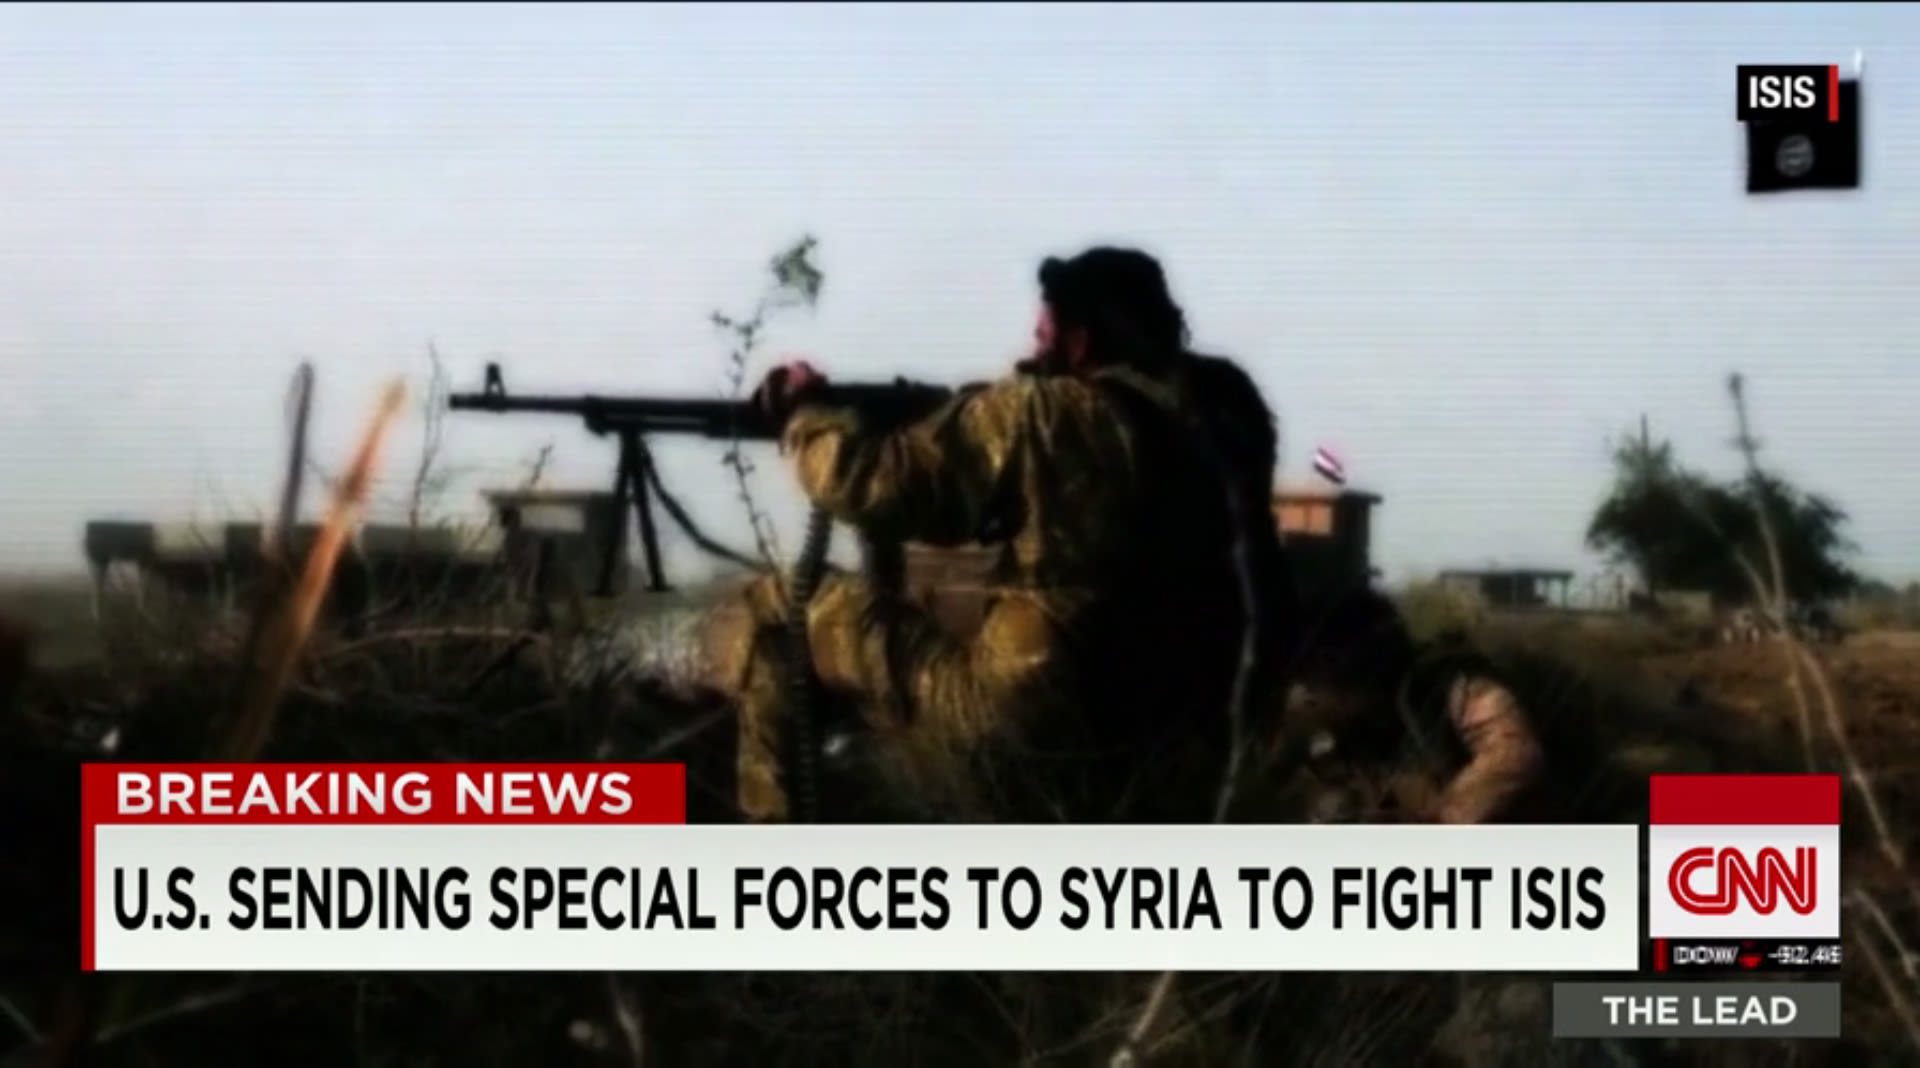 """غارات للتحالف على مواقع """"داعش"""" بالعراق وسوريا وبدء معركة """"تحرير الحسكة"""""""